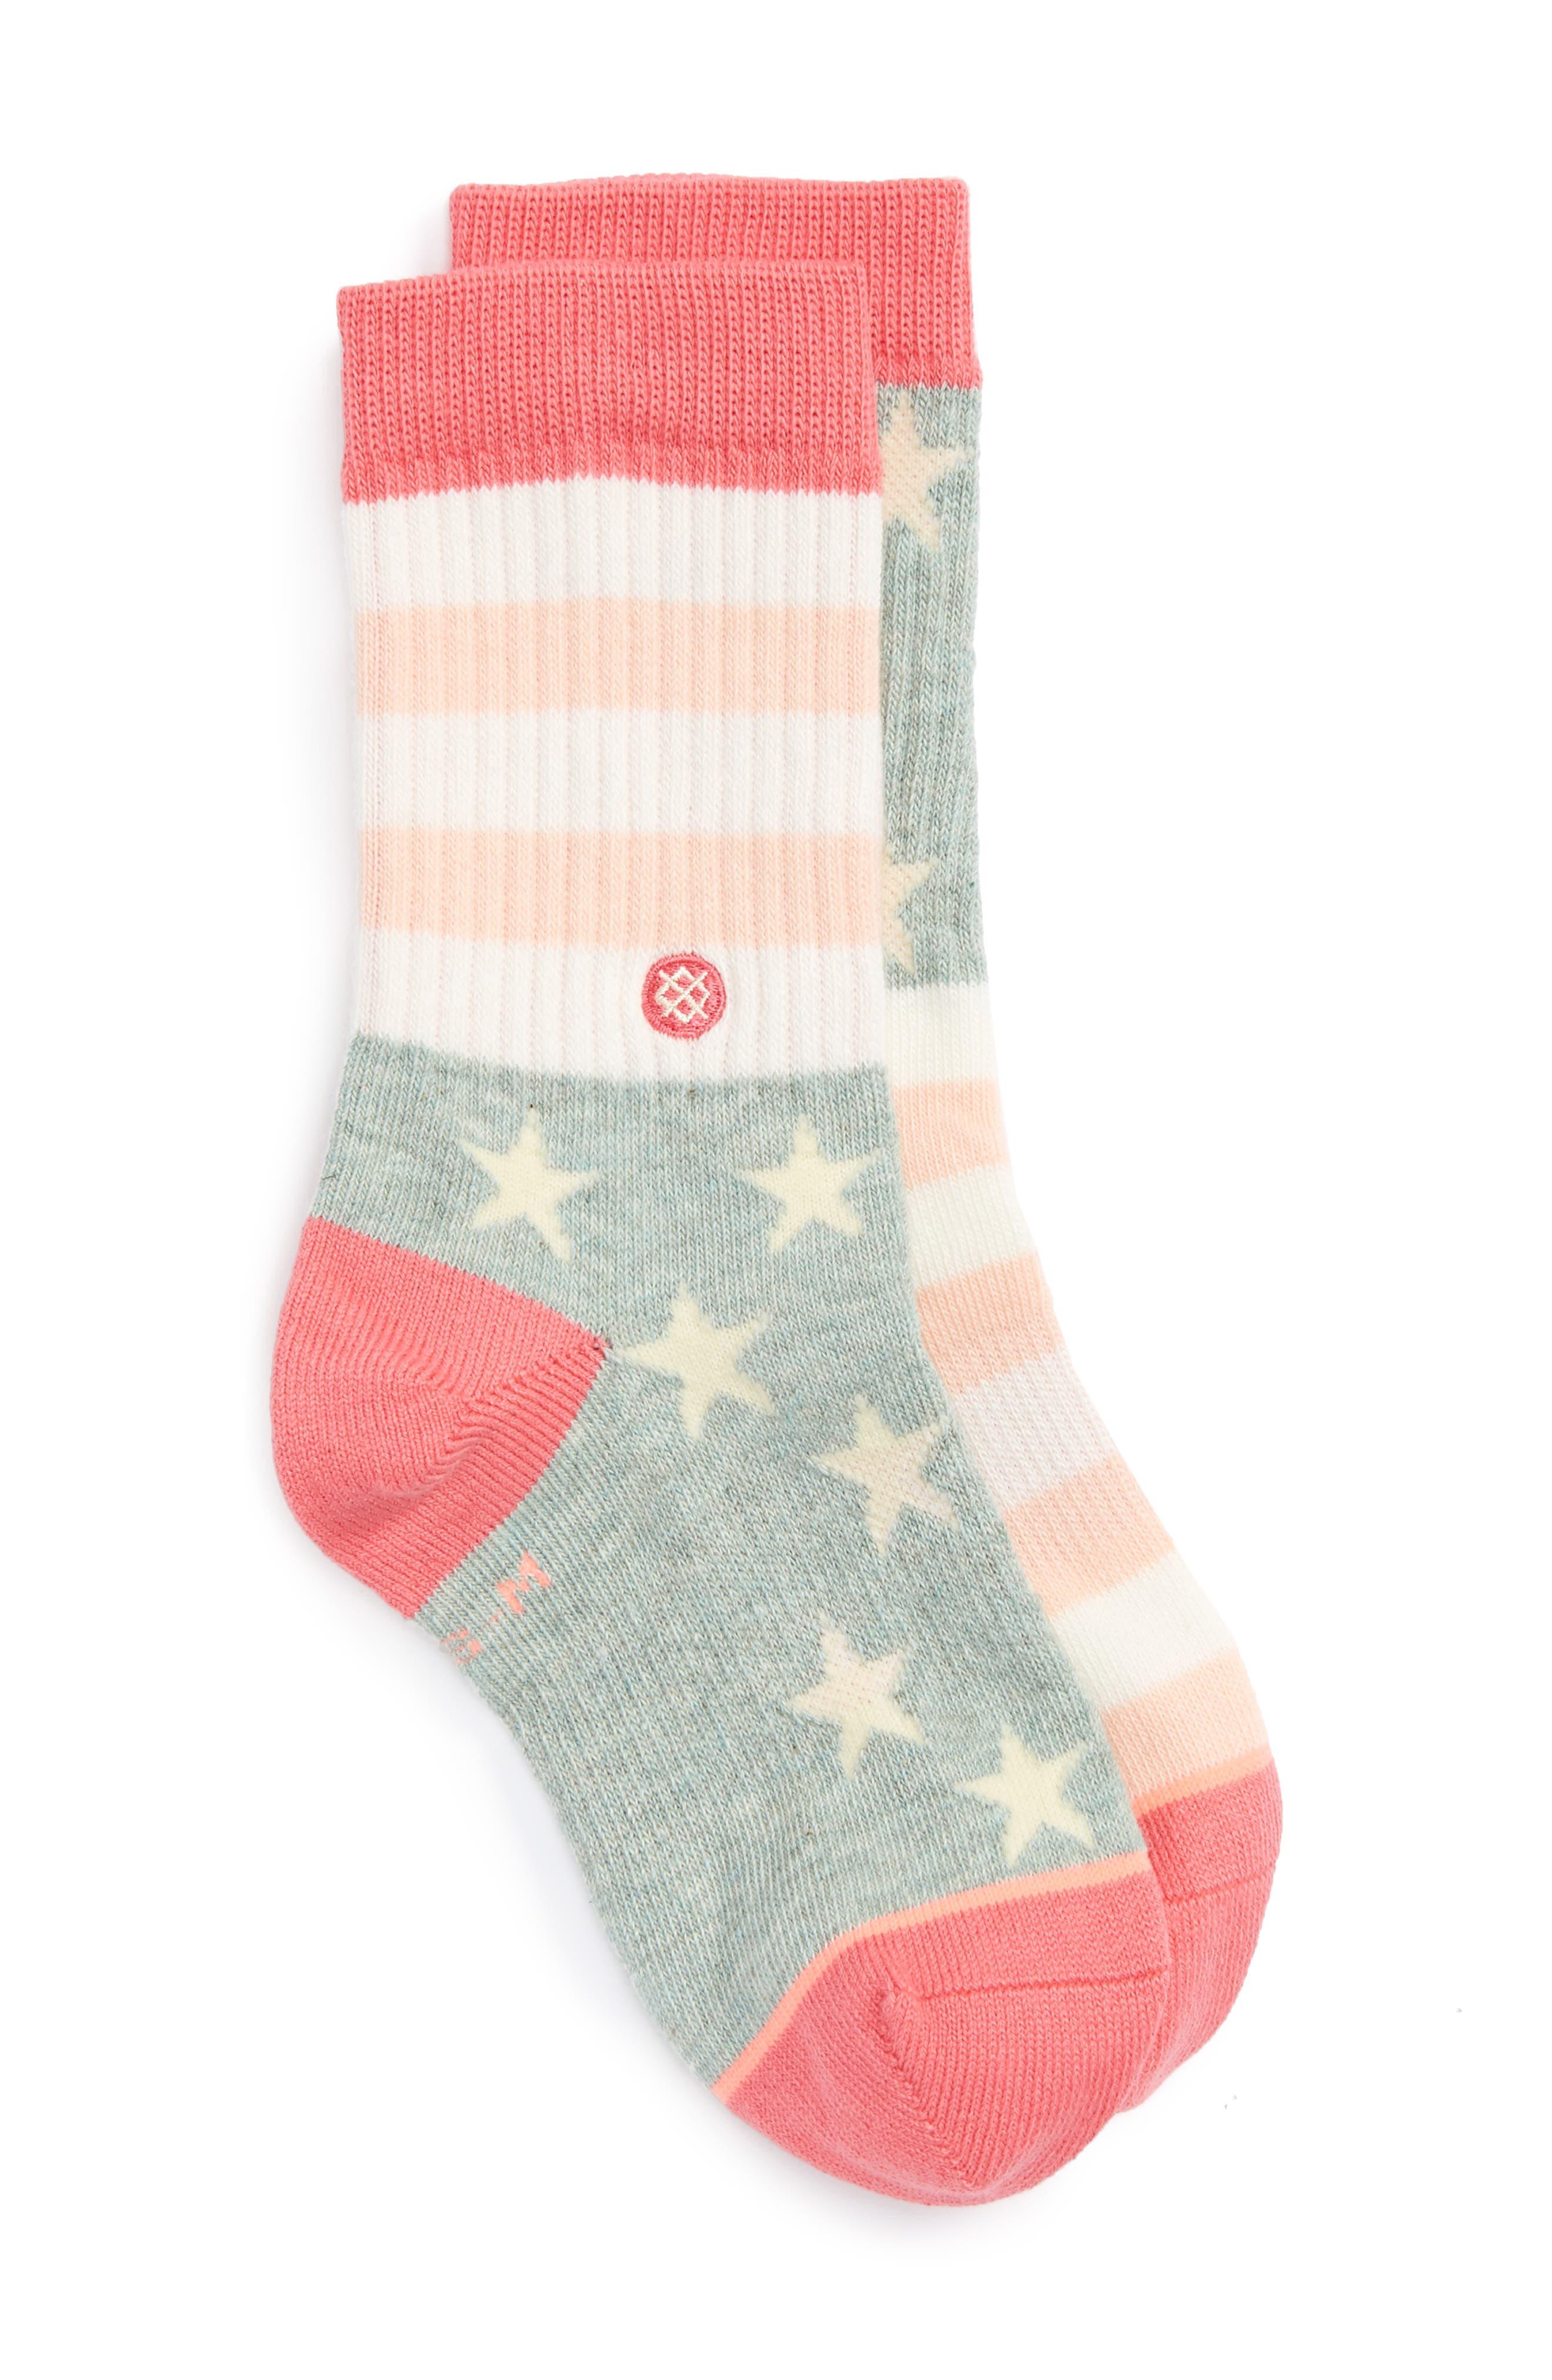 Liberty Socks,                         Main,                         color, Pink Multi